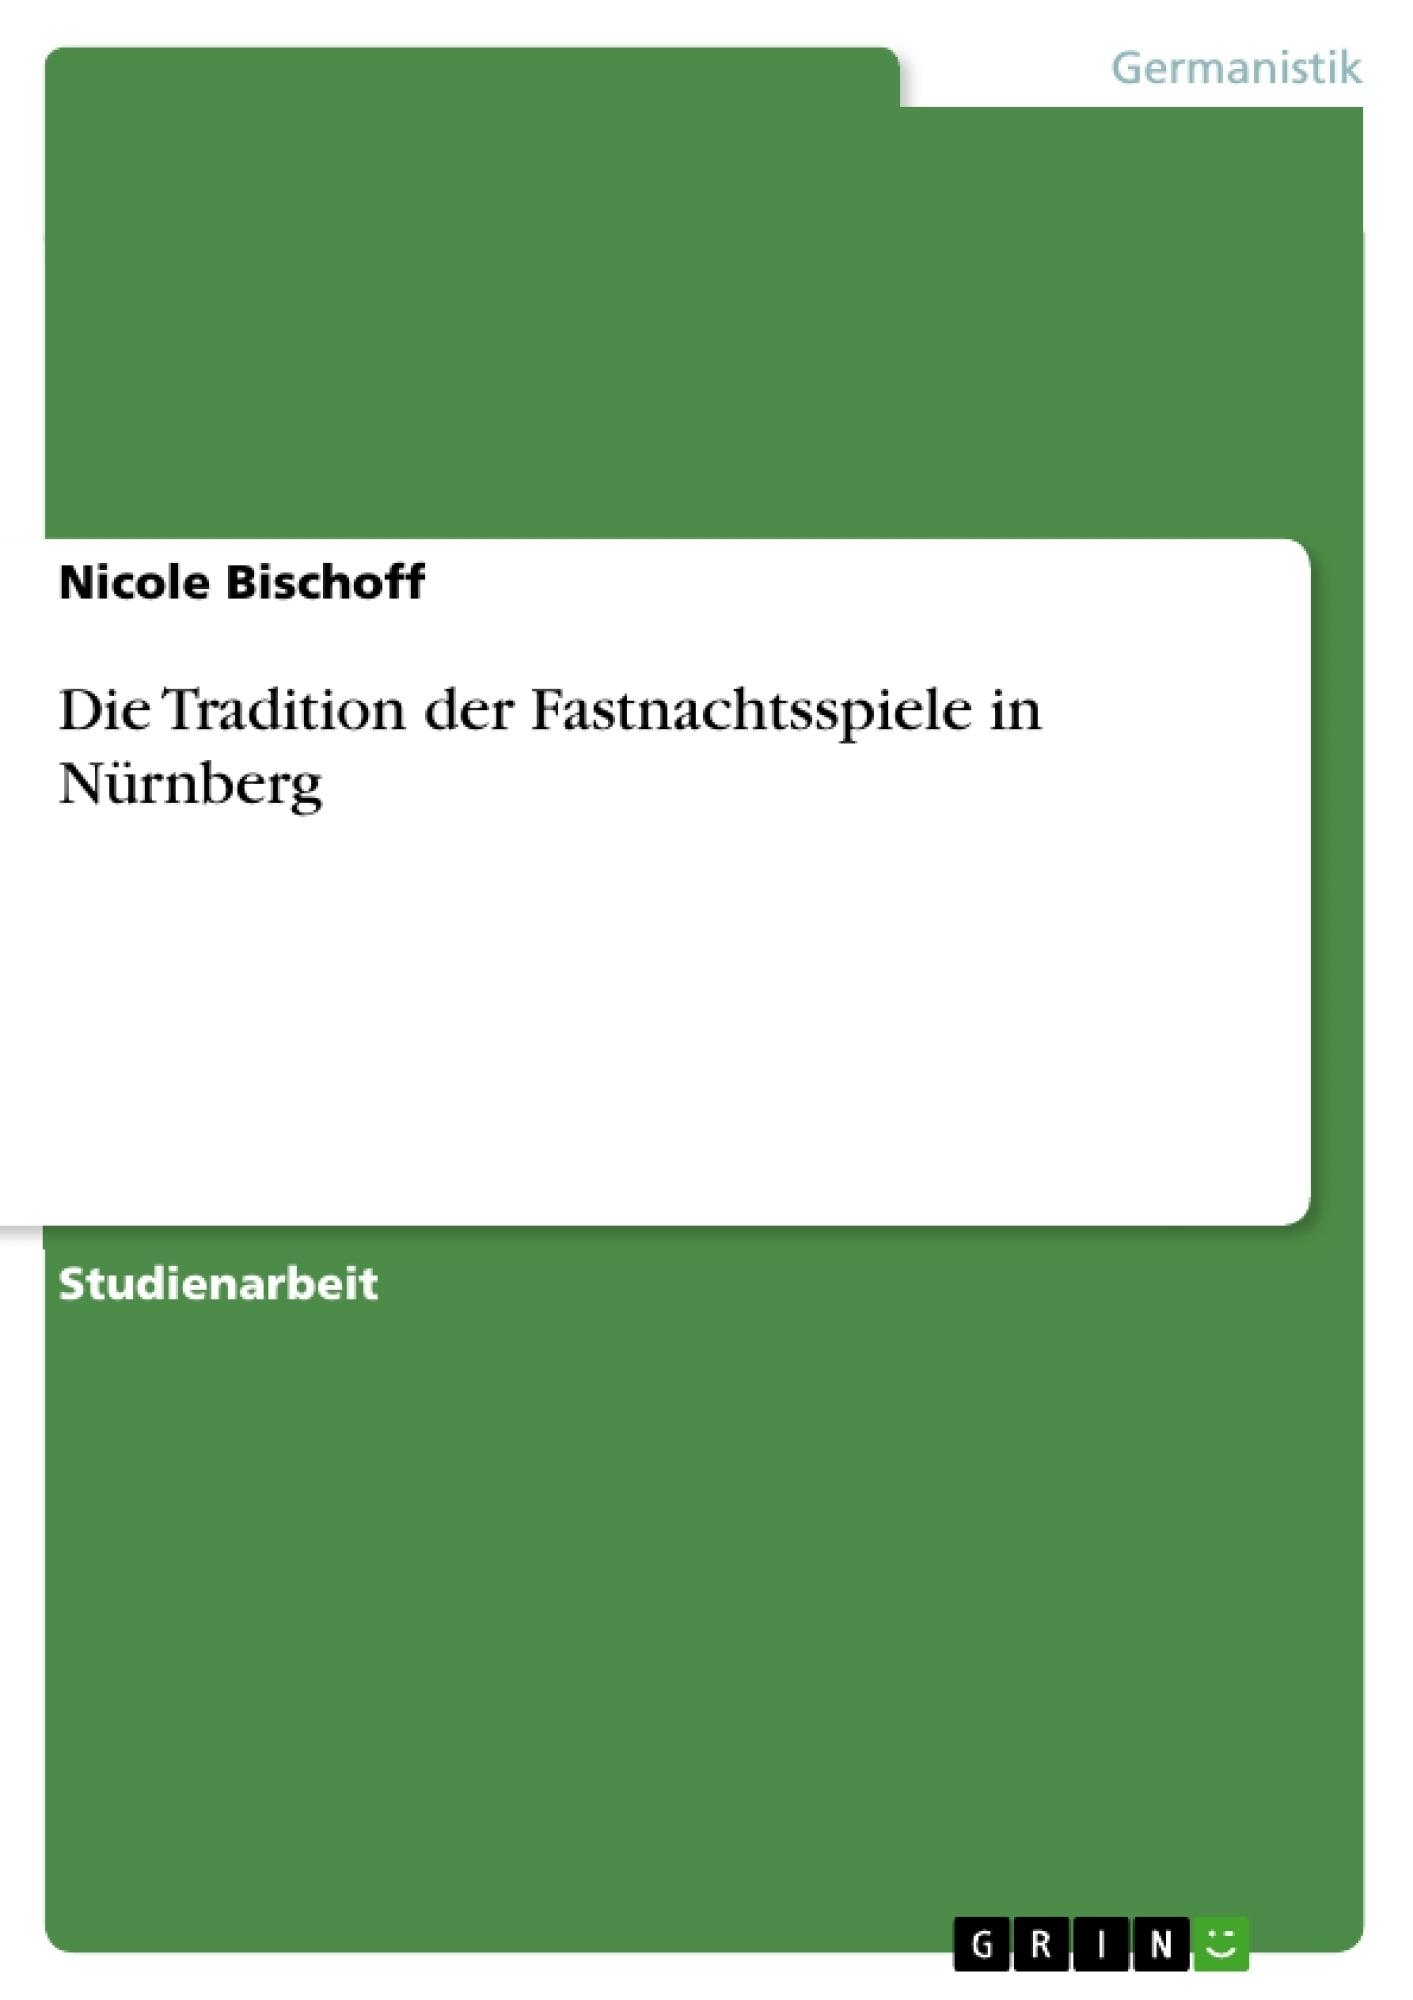 Titel: Die Tradition der Fastnachtsspiele in Nürnberg